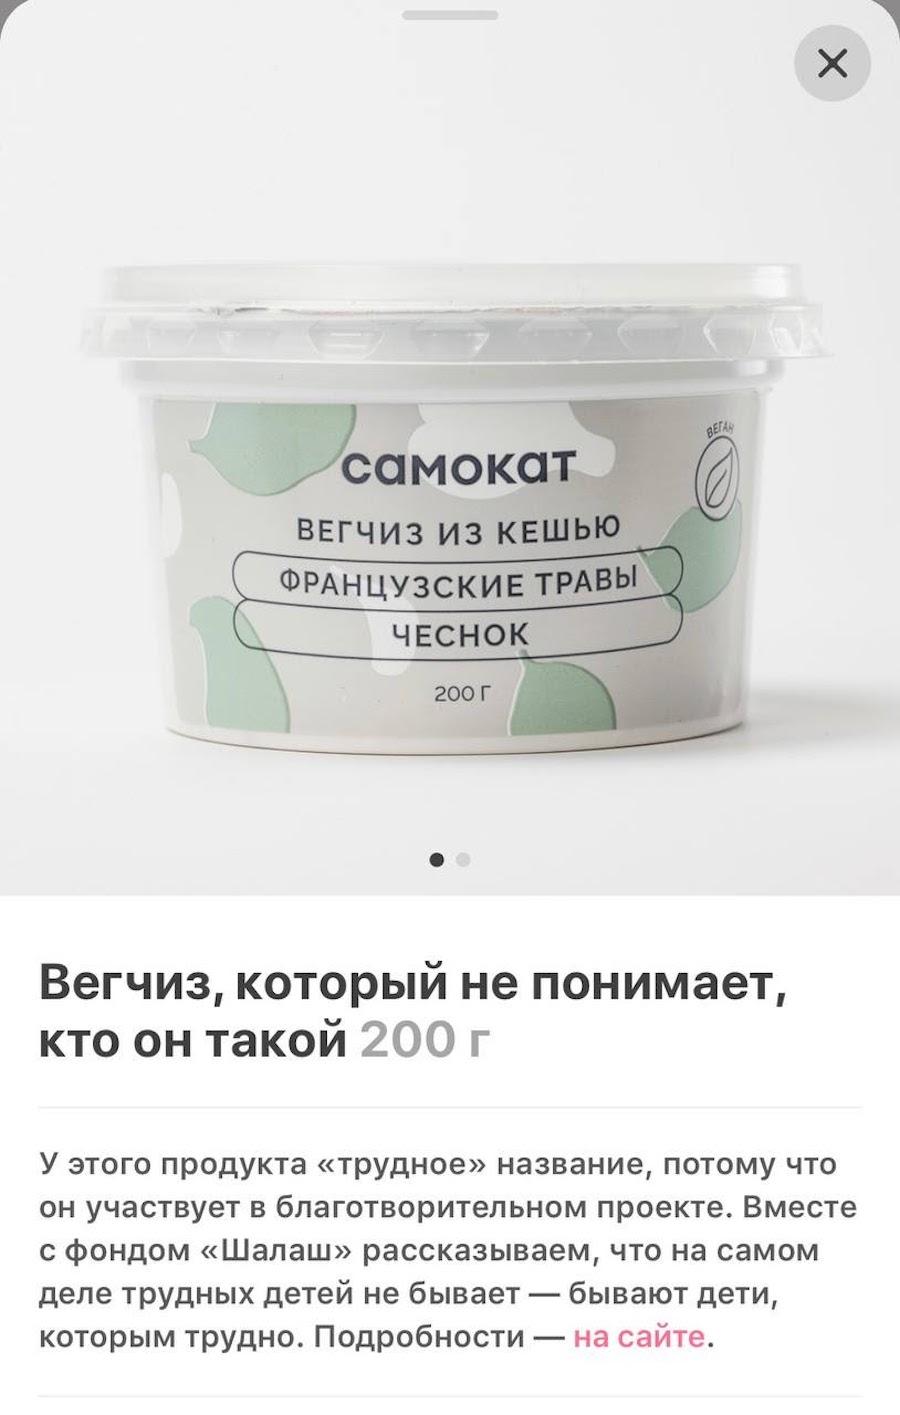 Коллаборация фонда «Шалаш» и онлайн-ритейлера «Самокат»